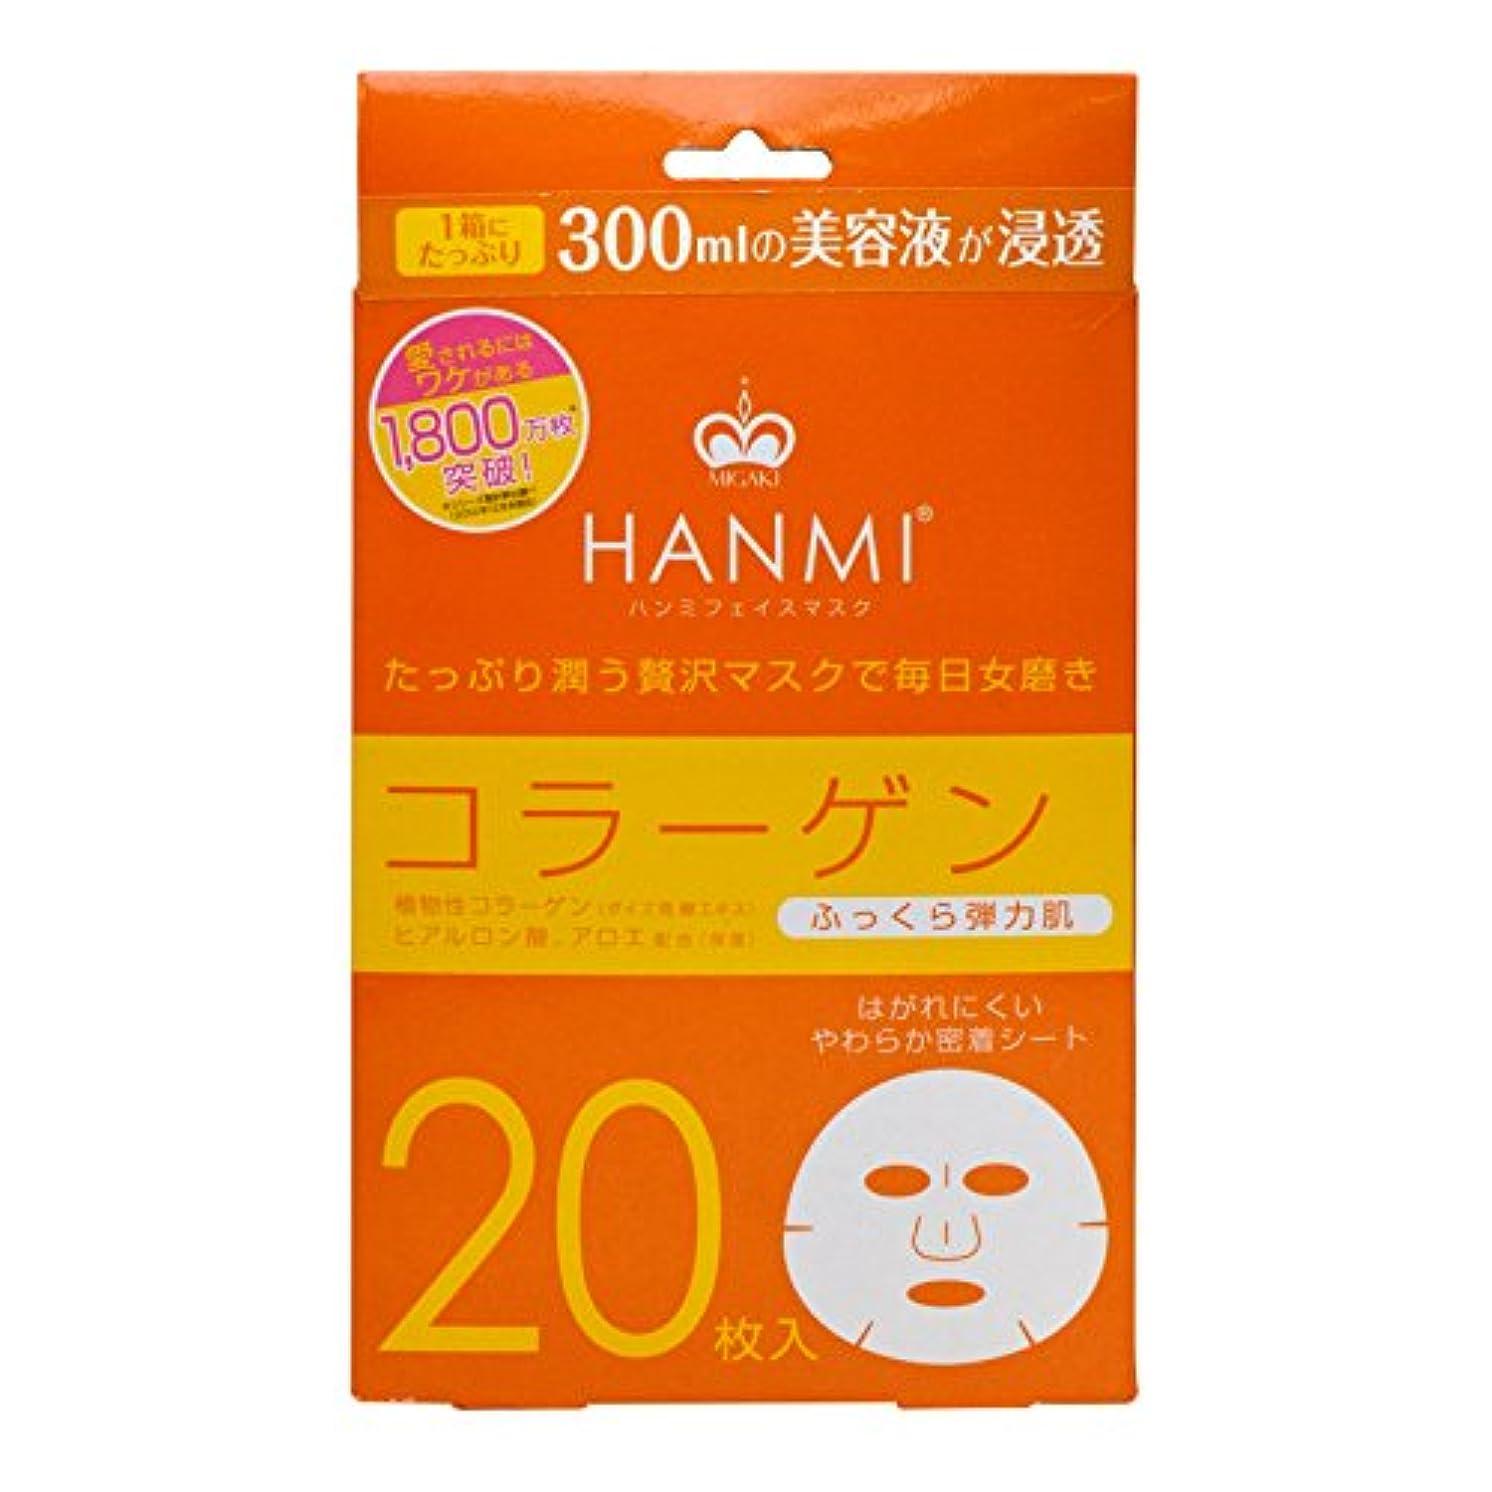 シティ料理光電MIGAKI ハンミフェイスマスク コラーゲン 20枚入り